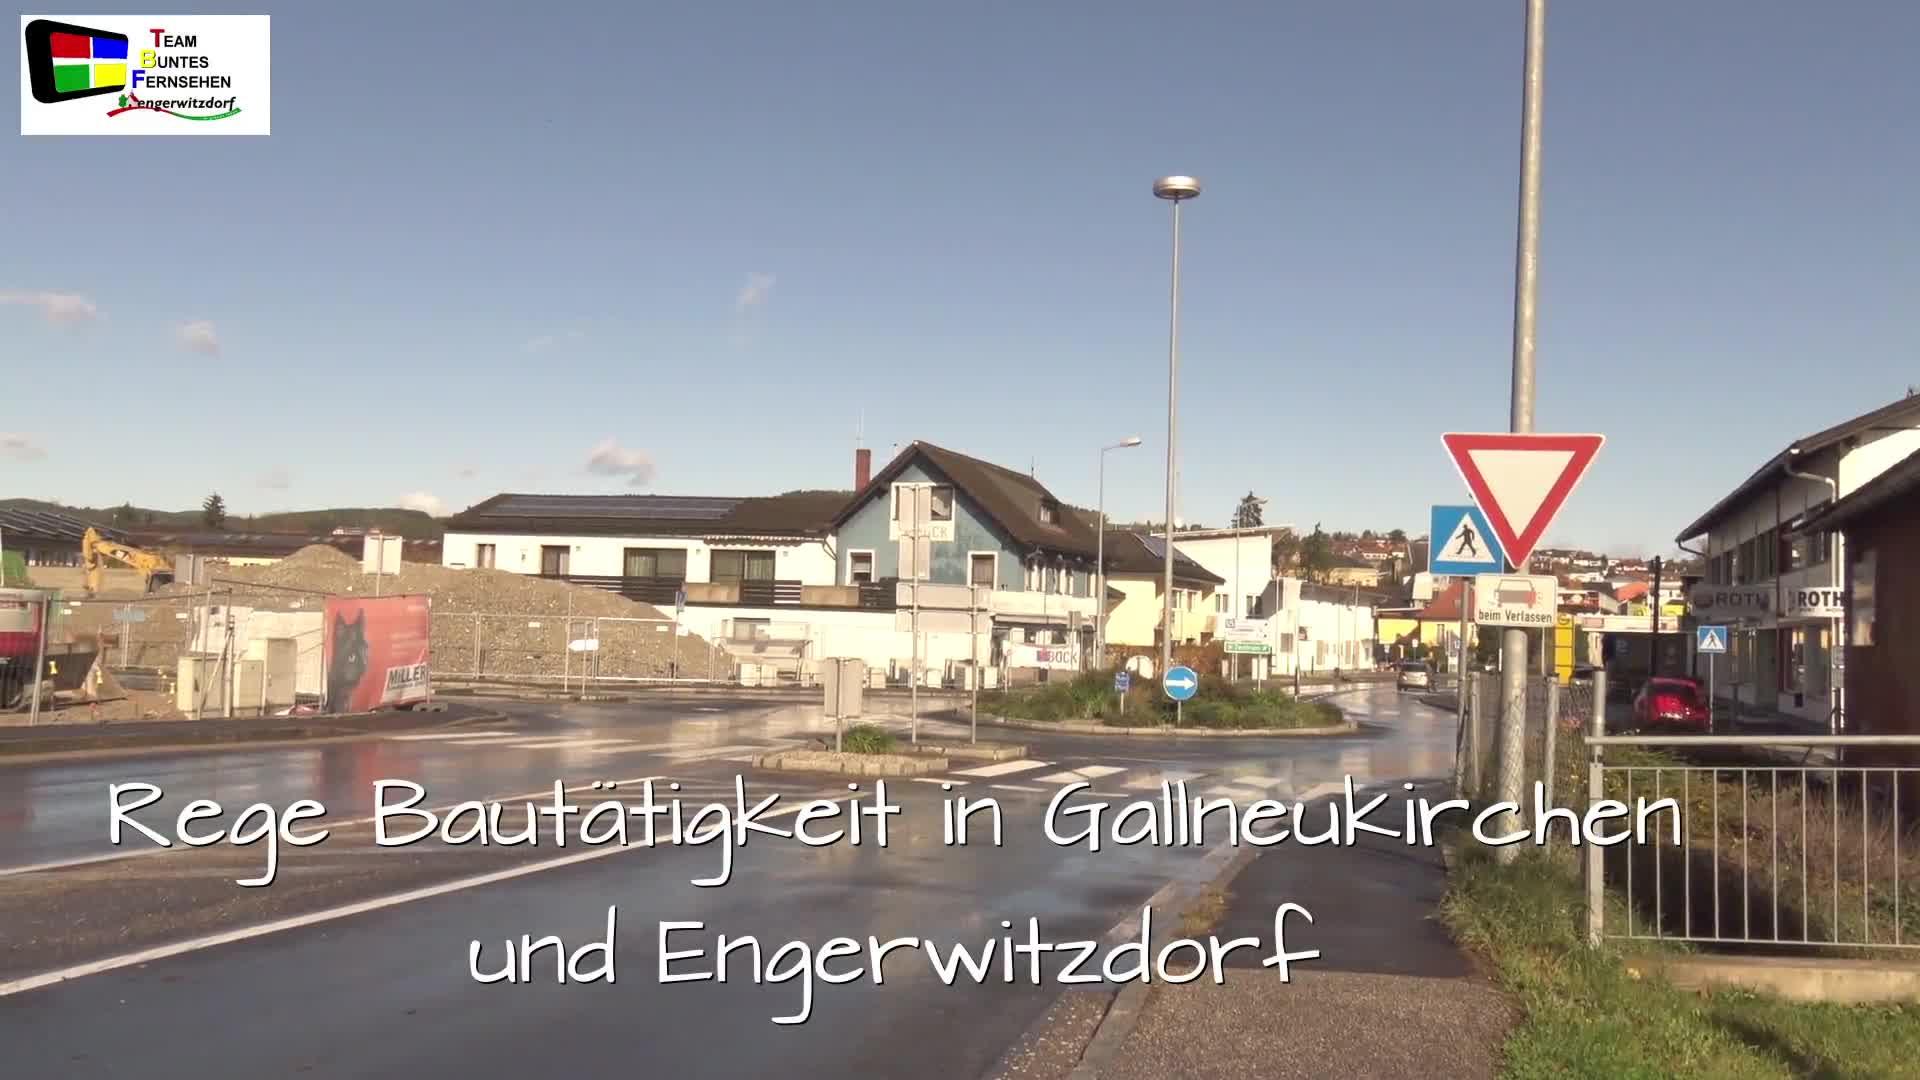 Rege Bautätigkeit in Gallneukirchen und Engerwitzdorf